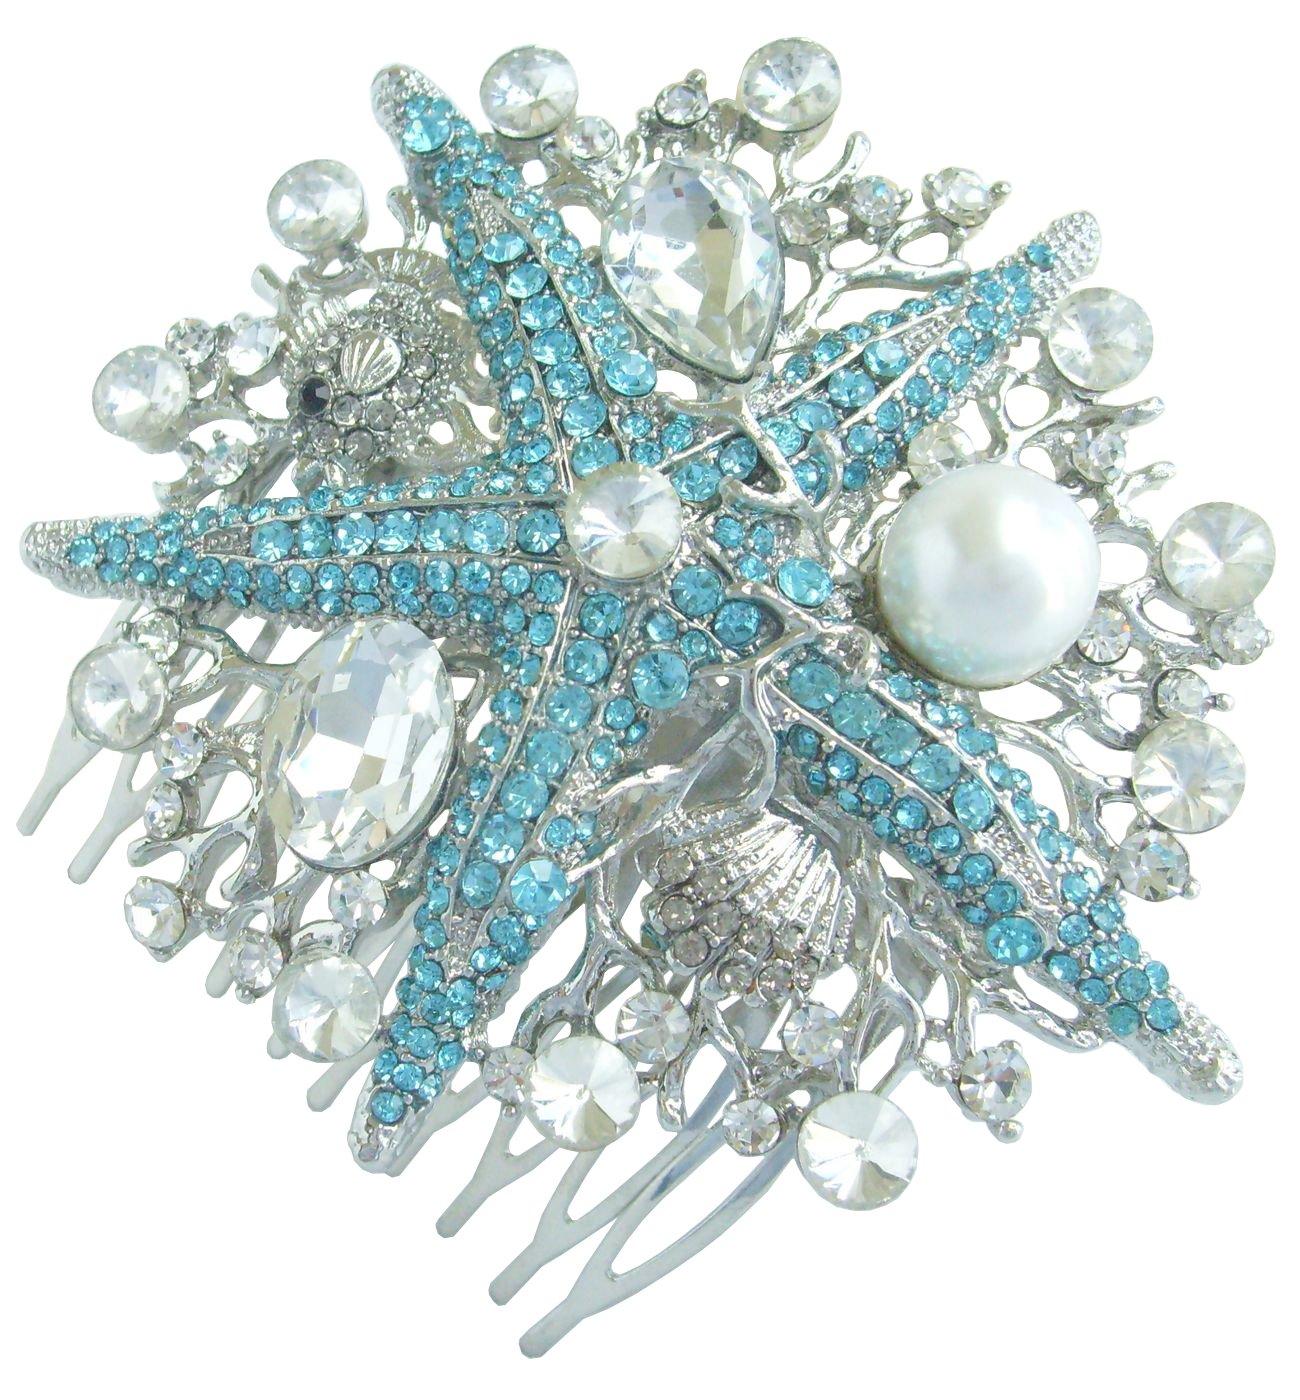 Sindary Silver Tone Wedding Headpiece Blue Clear Rhinestone Crystal 3.15'' Starfish Bridal Hair Comb HZ6412